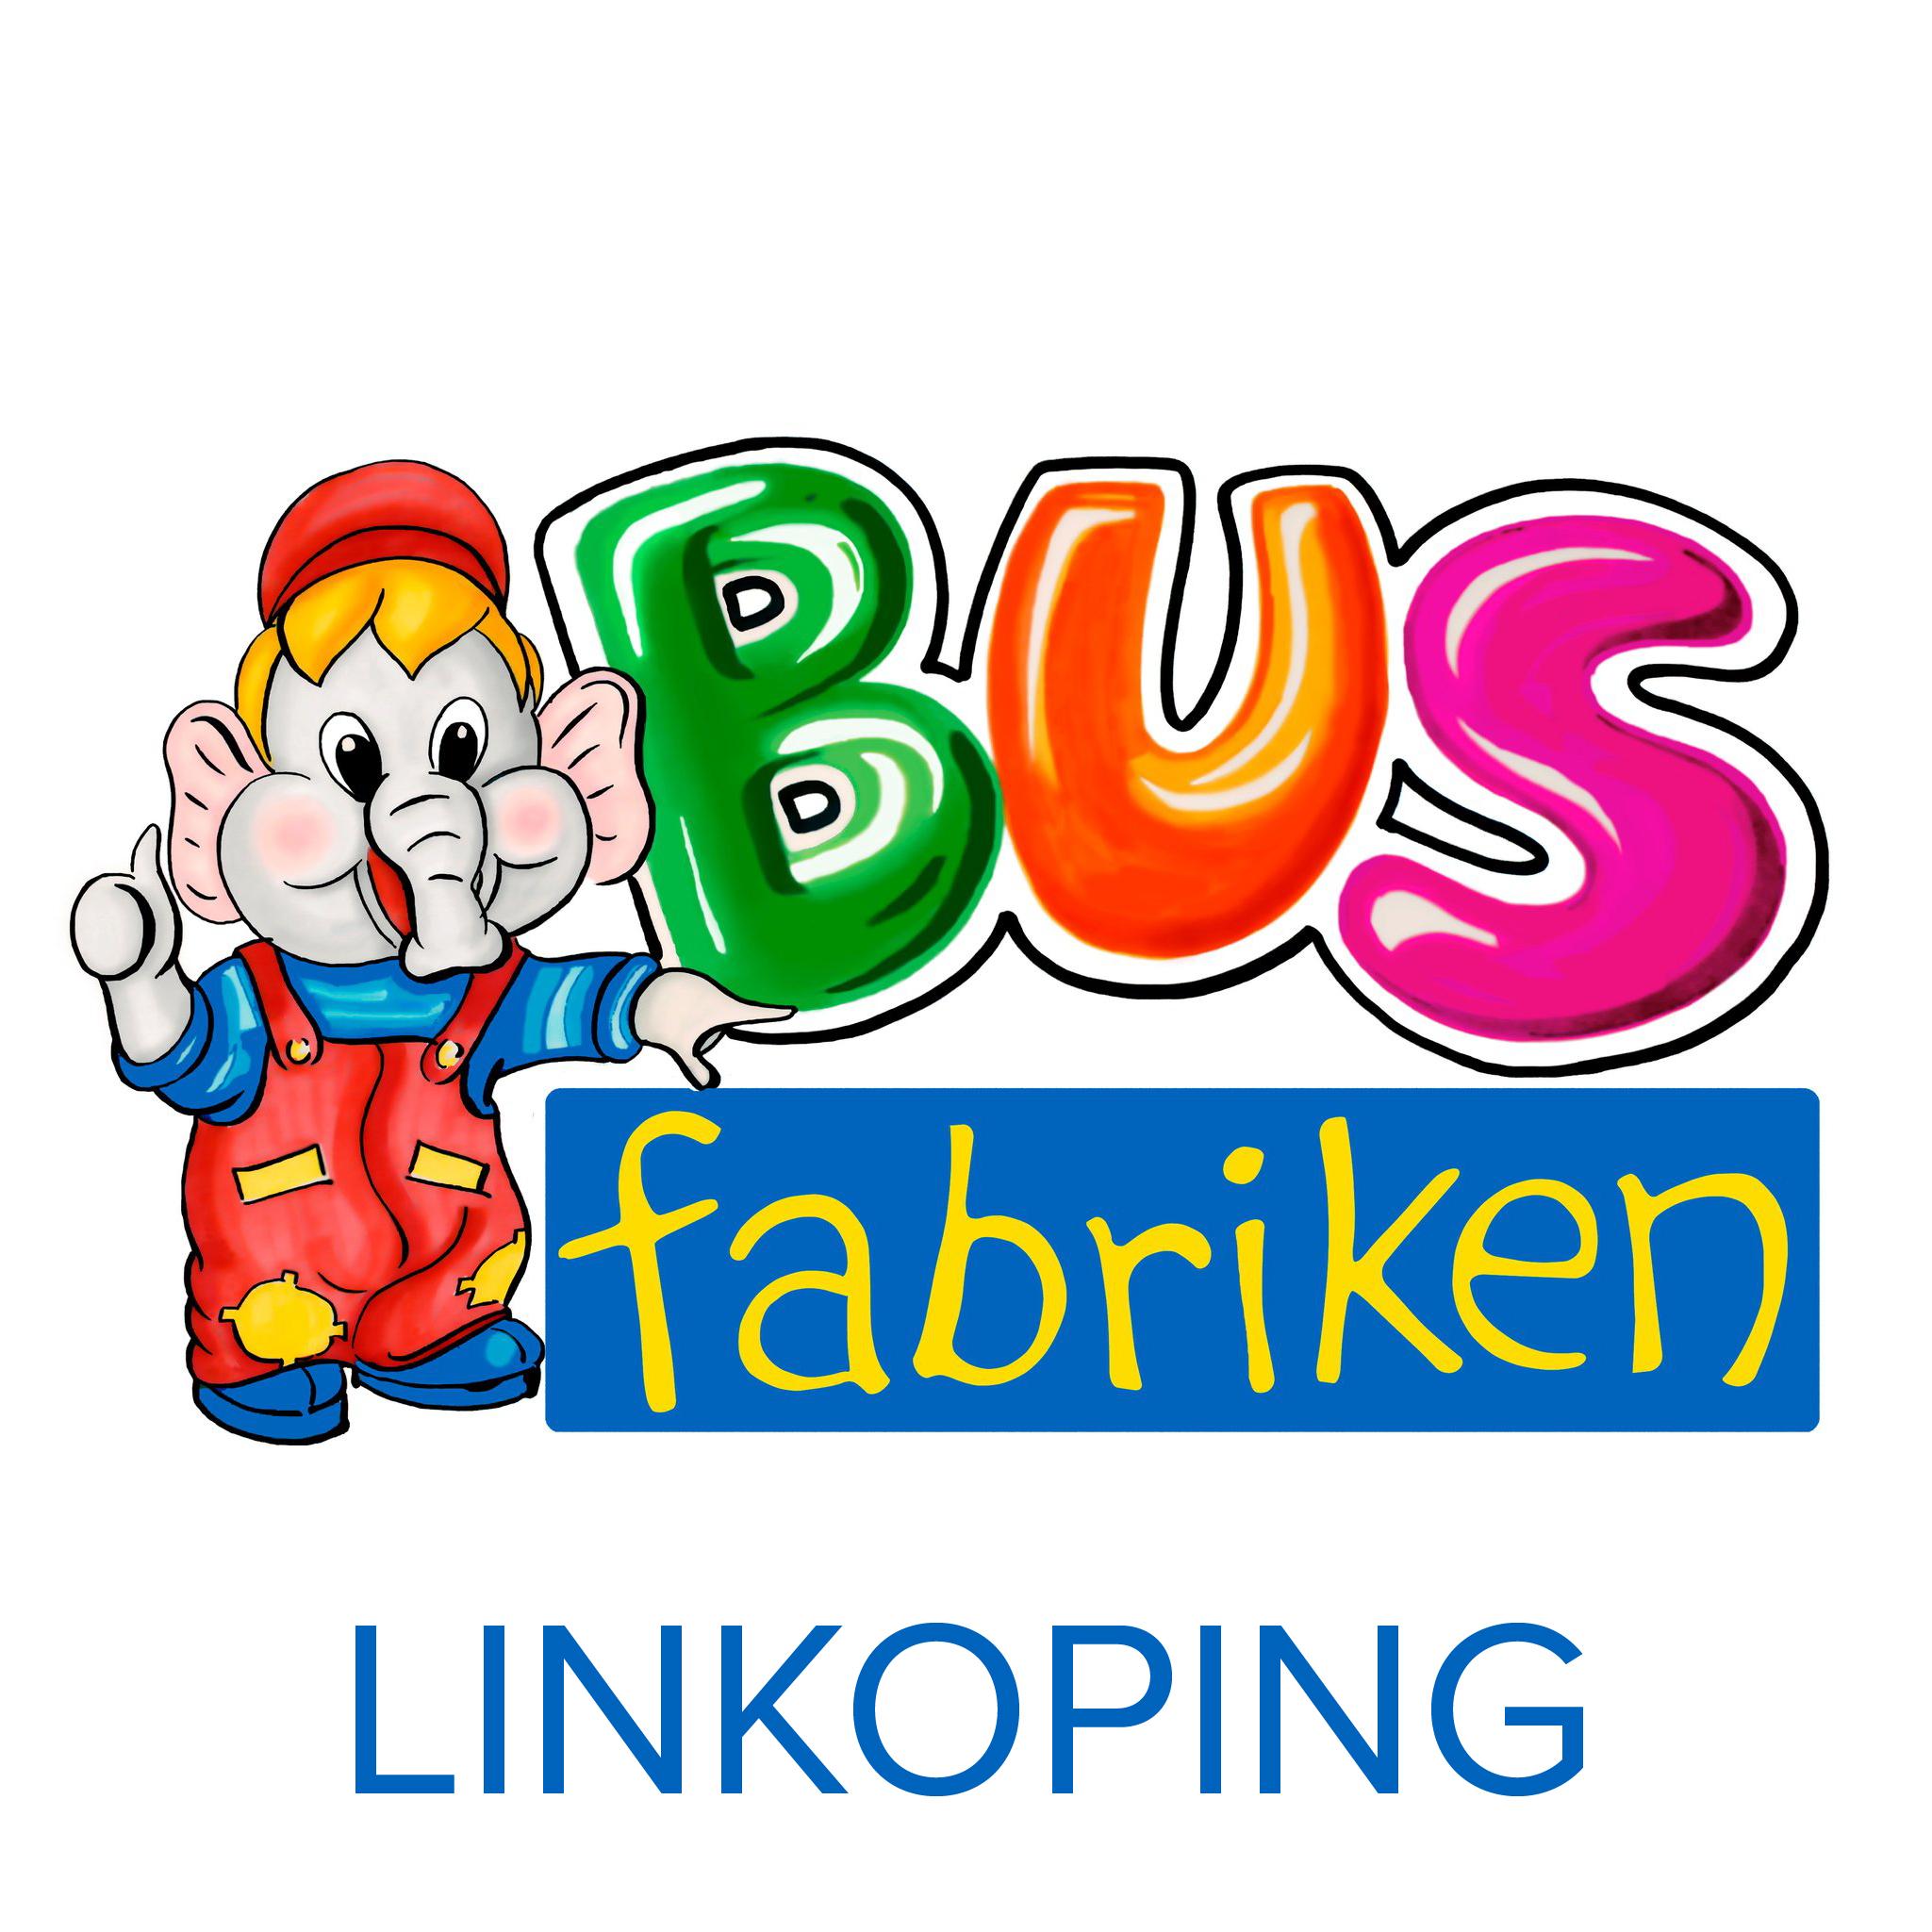 BUS fABRIKEN - LINKOPING